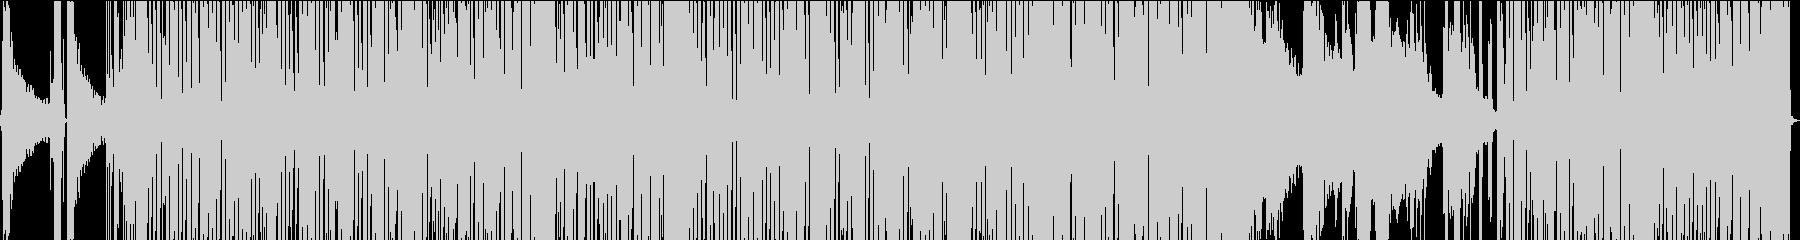 ファンク ブルース R&B アクテ...の未再生の波形